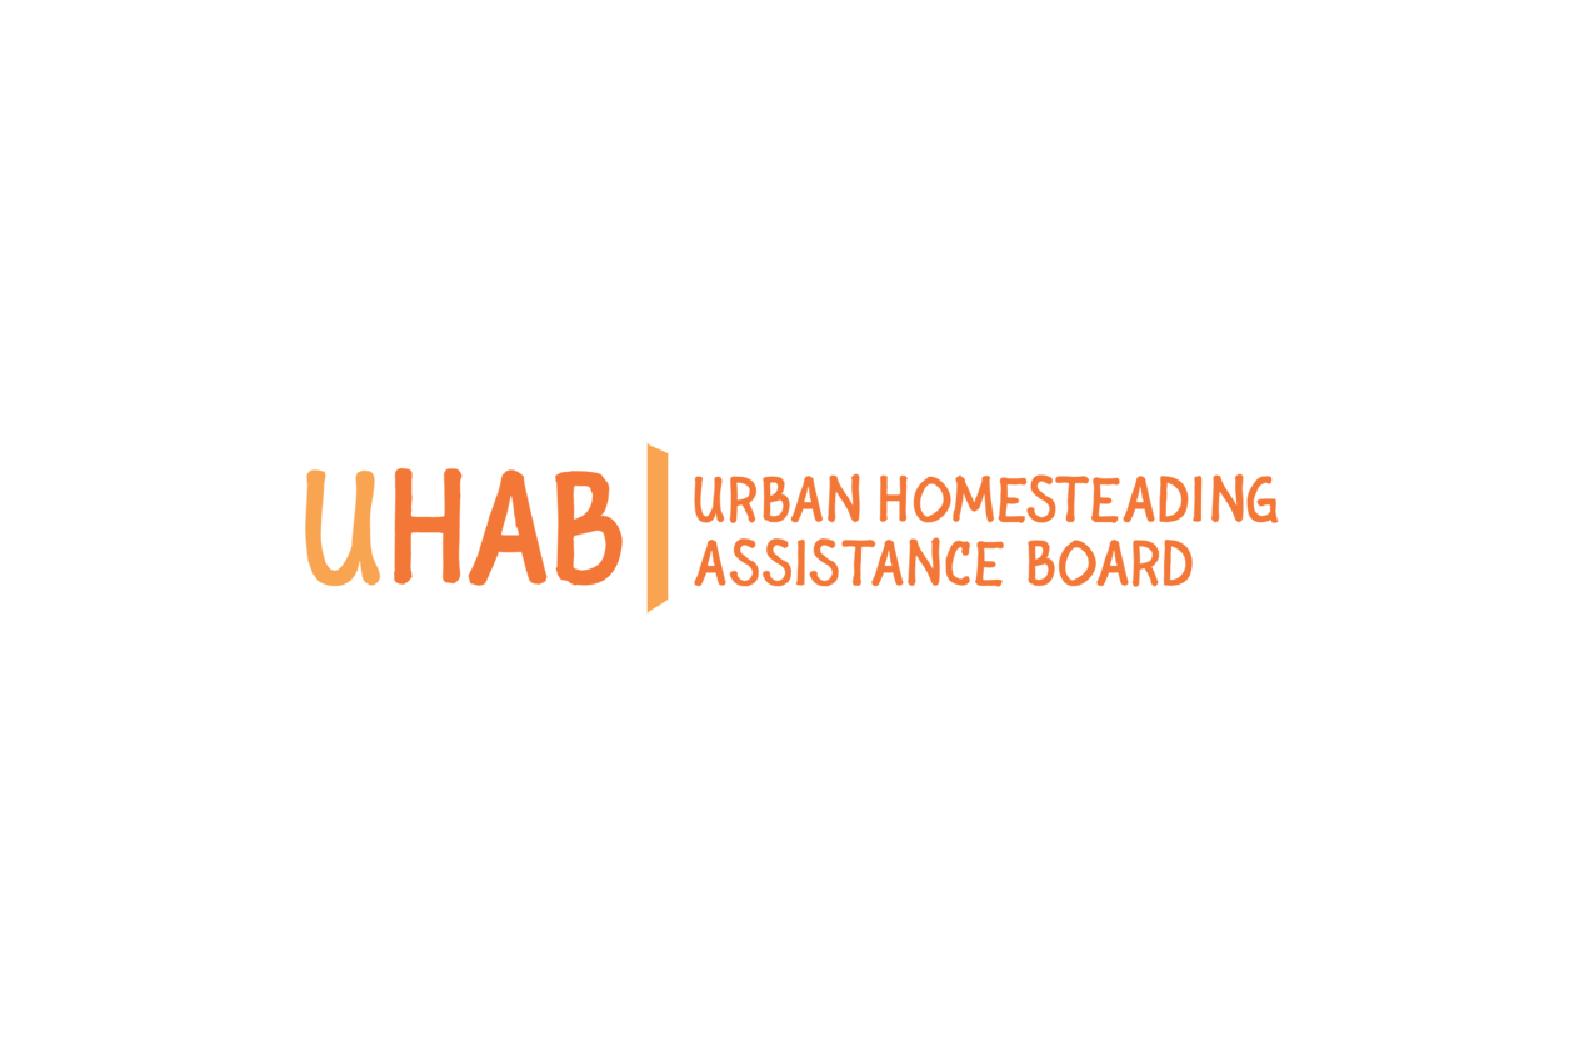 UHAB_FormerLogo.png